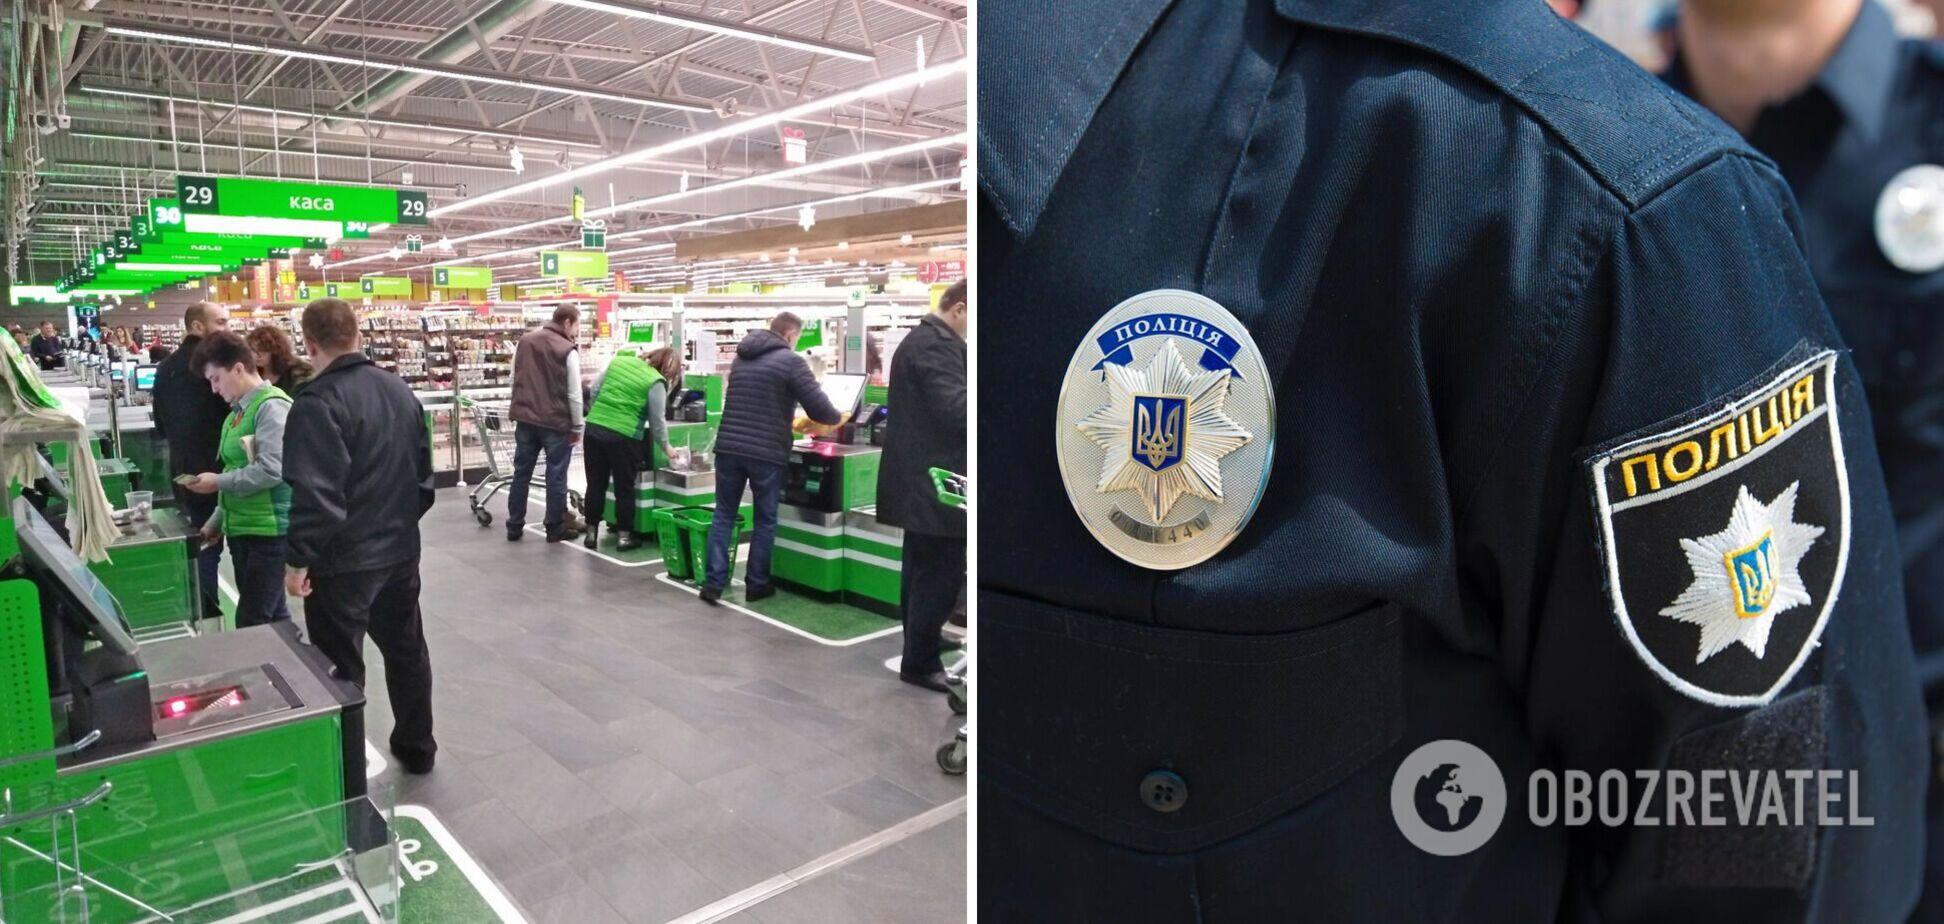 В Киеве сотрудница супермаркета провернула аферу с возвратом товара: ей грозит до 8 лет за решеткой